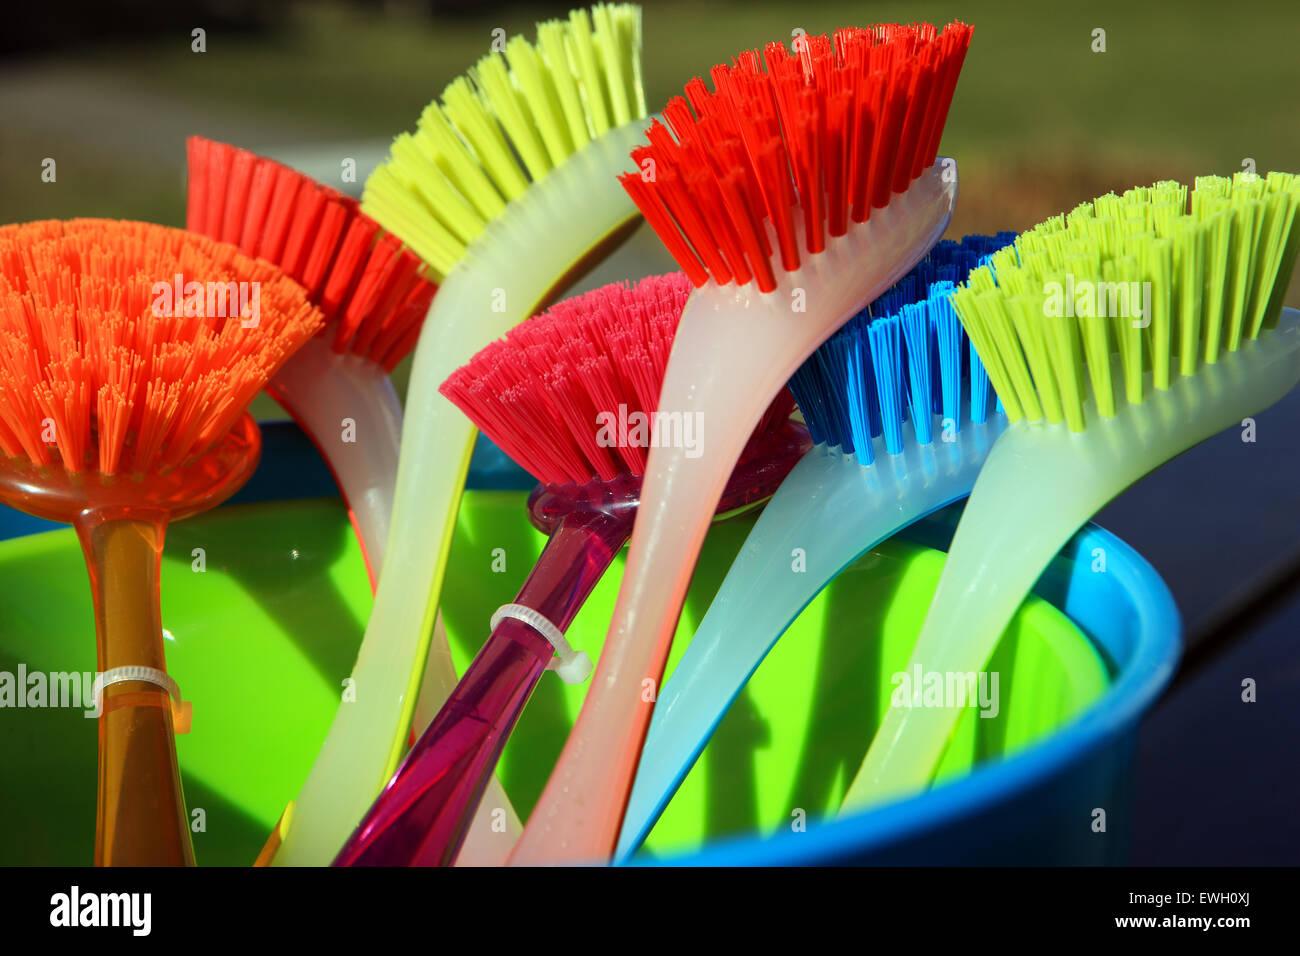 Brightly coloured dish washing brushes - Stock Image